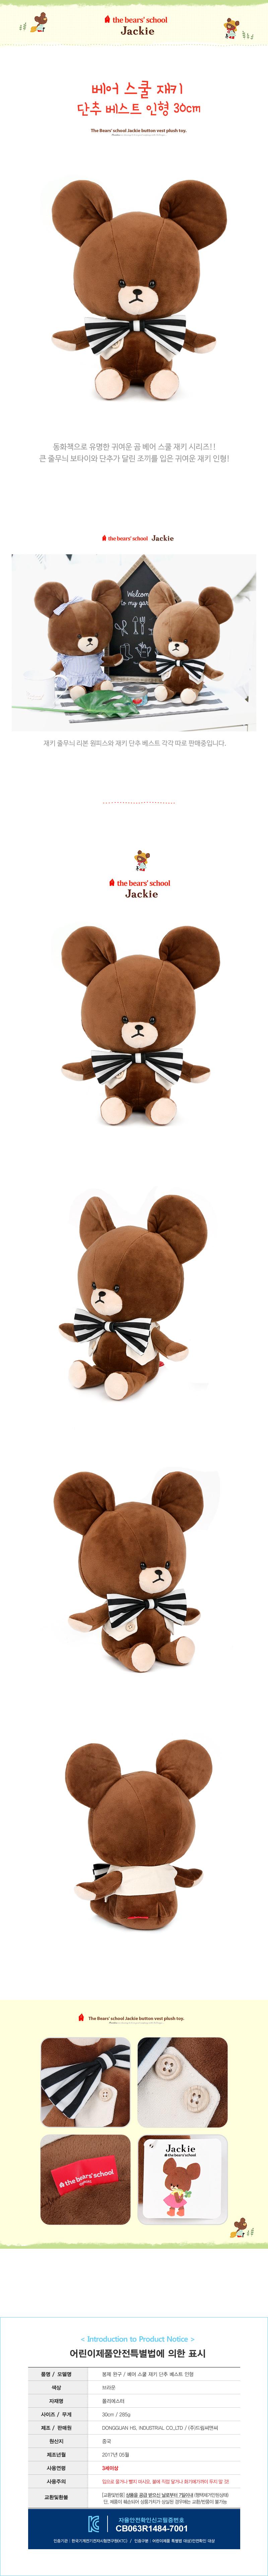 베어스쿨 재키 단추 베스트 곰 인형 30cm - 선린, 9,900원, 애니멀인형, 곰 인형